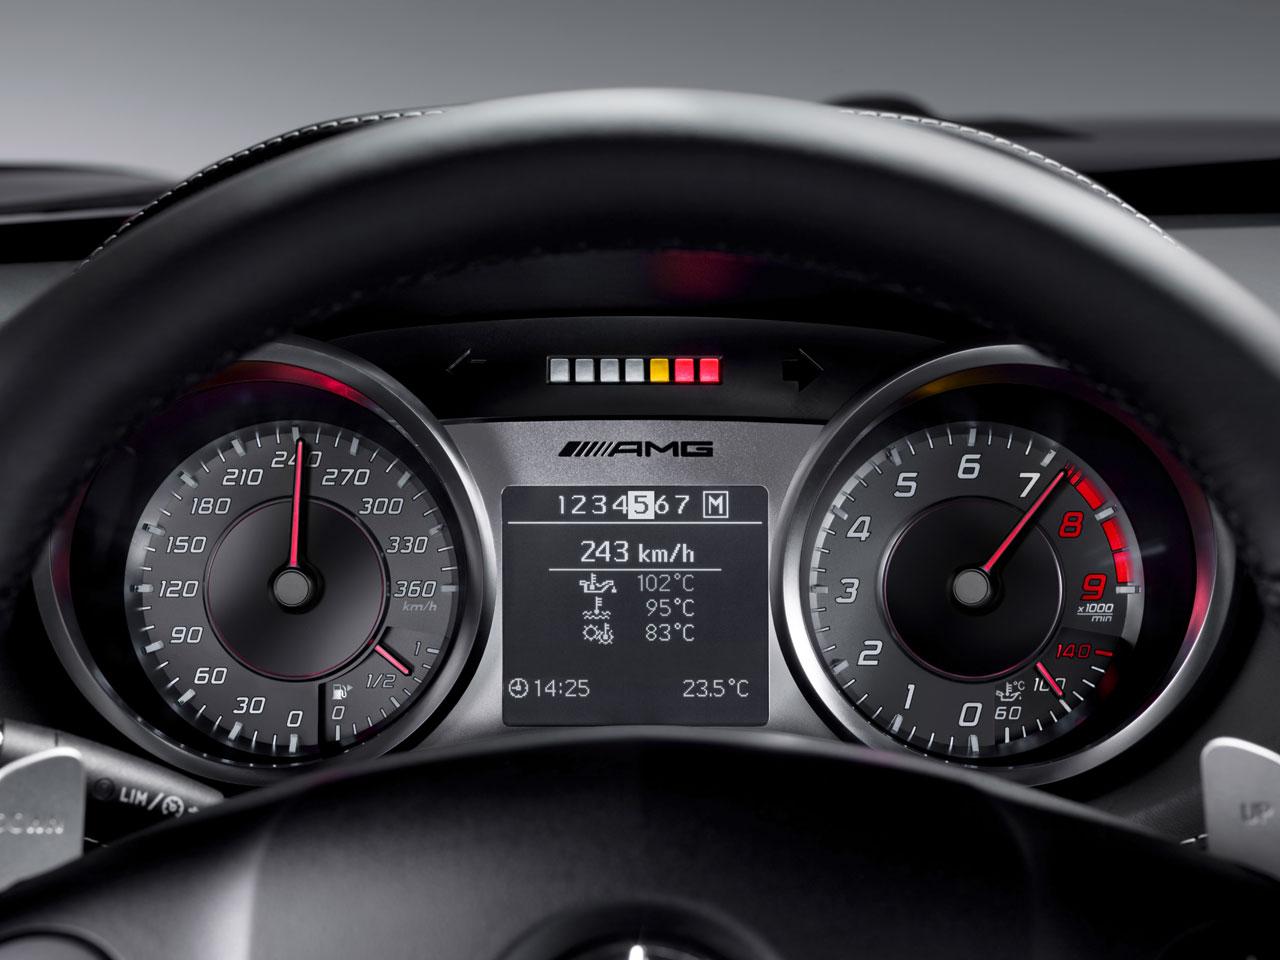 Mercedes Benz SLS AMG Images